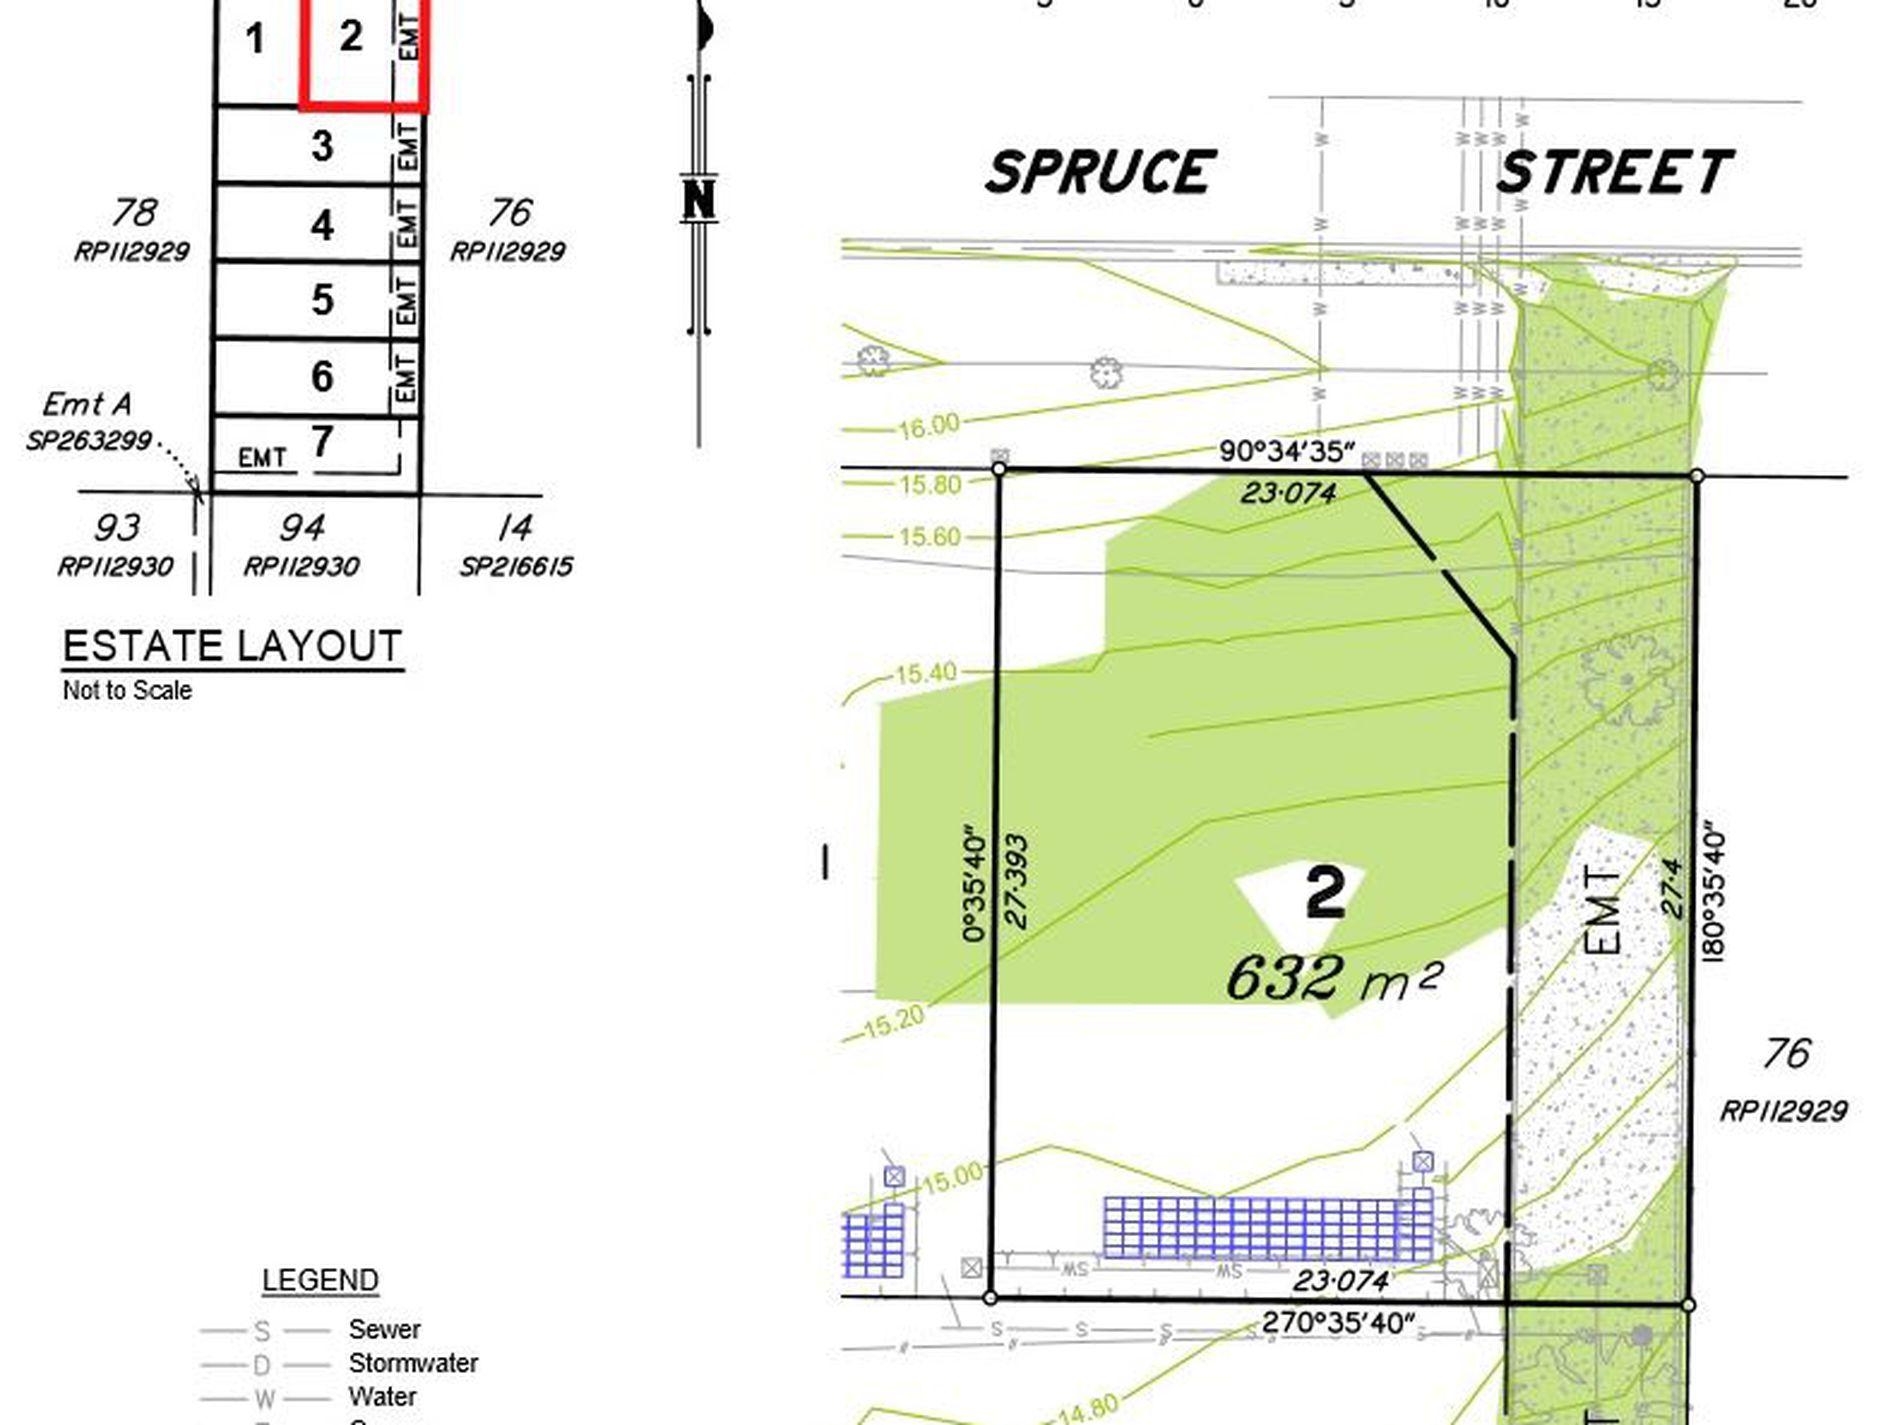 Lot 2, 31-33 Spruce Street, Loganlea